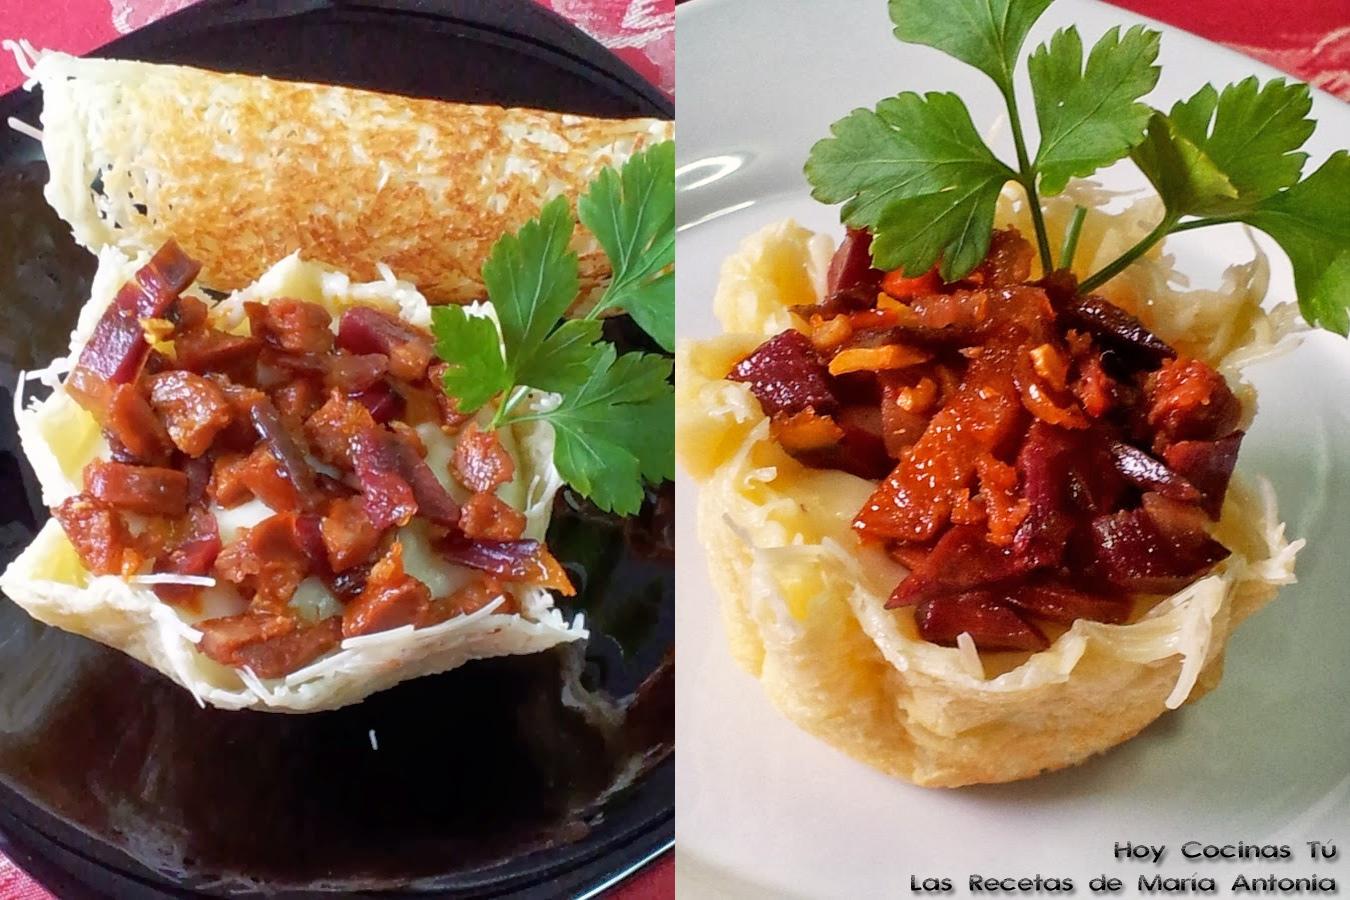 Hoy Cocinas Tú: Cestas de parmesano con puré de patata, jamón y chorizo crujiente